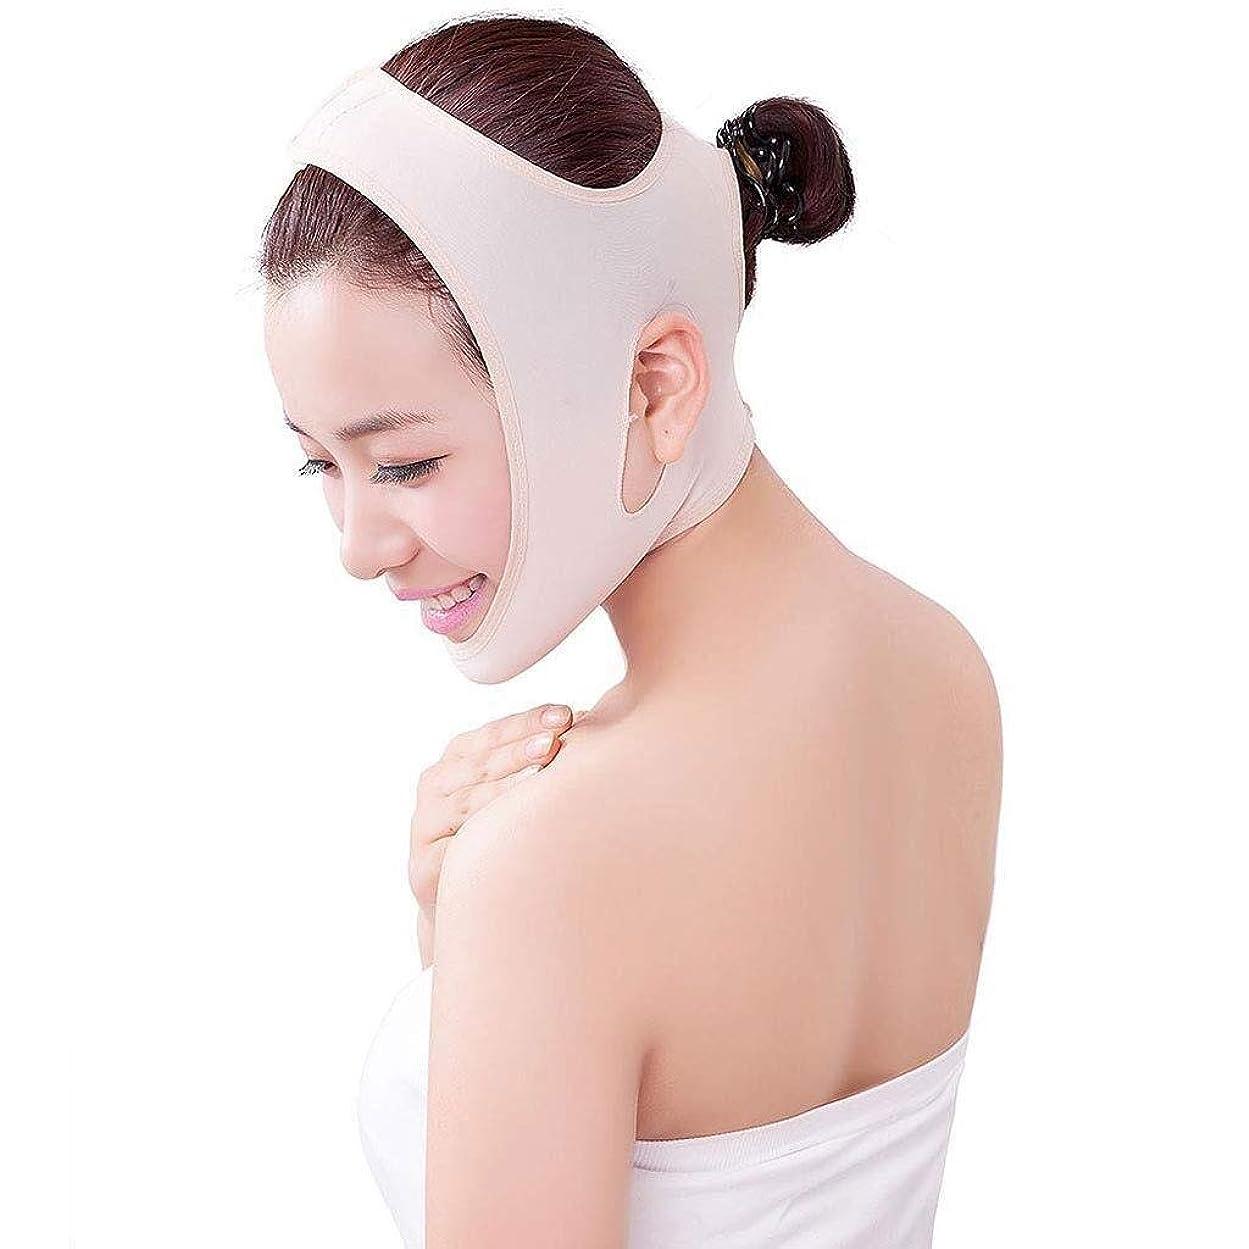 セーブファイター気をつけて顔の持ち上がる細くの伸縮性があるベルト、 チンチークスリムリフトアップアンチリンクルマスク 女性用バンドを持ち上げる (Size : S)